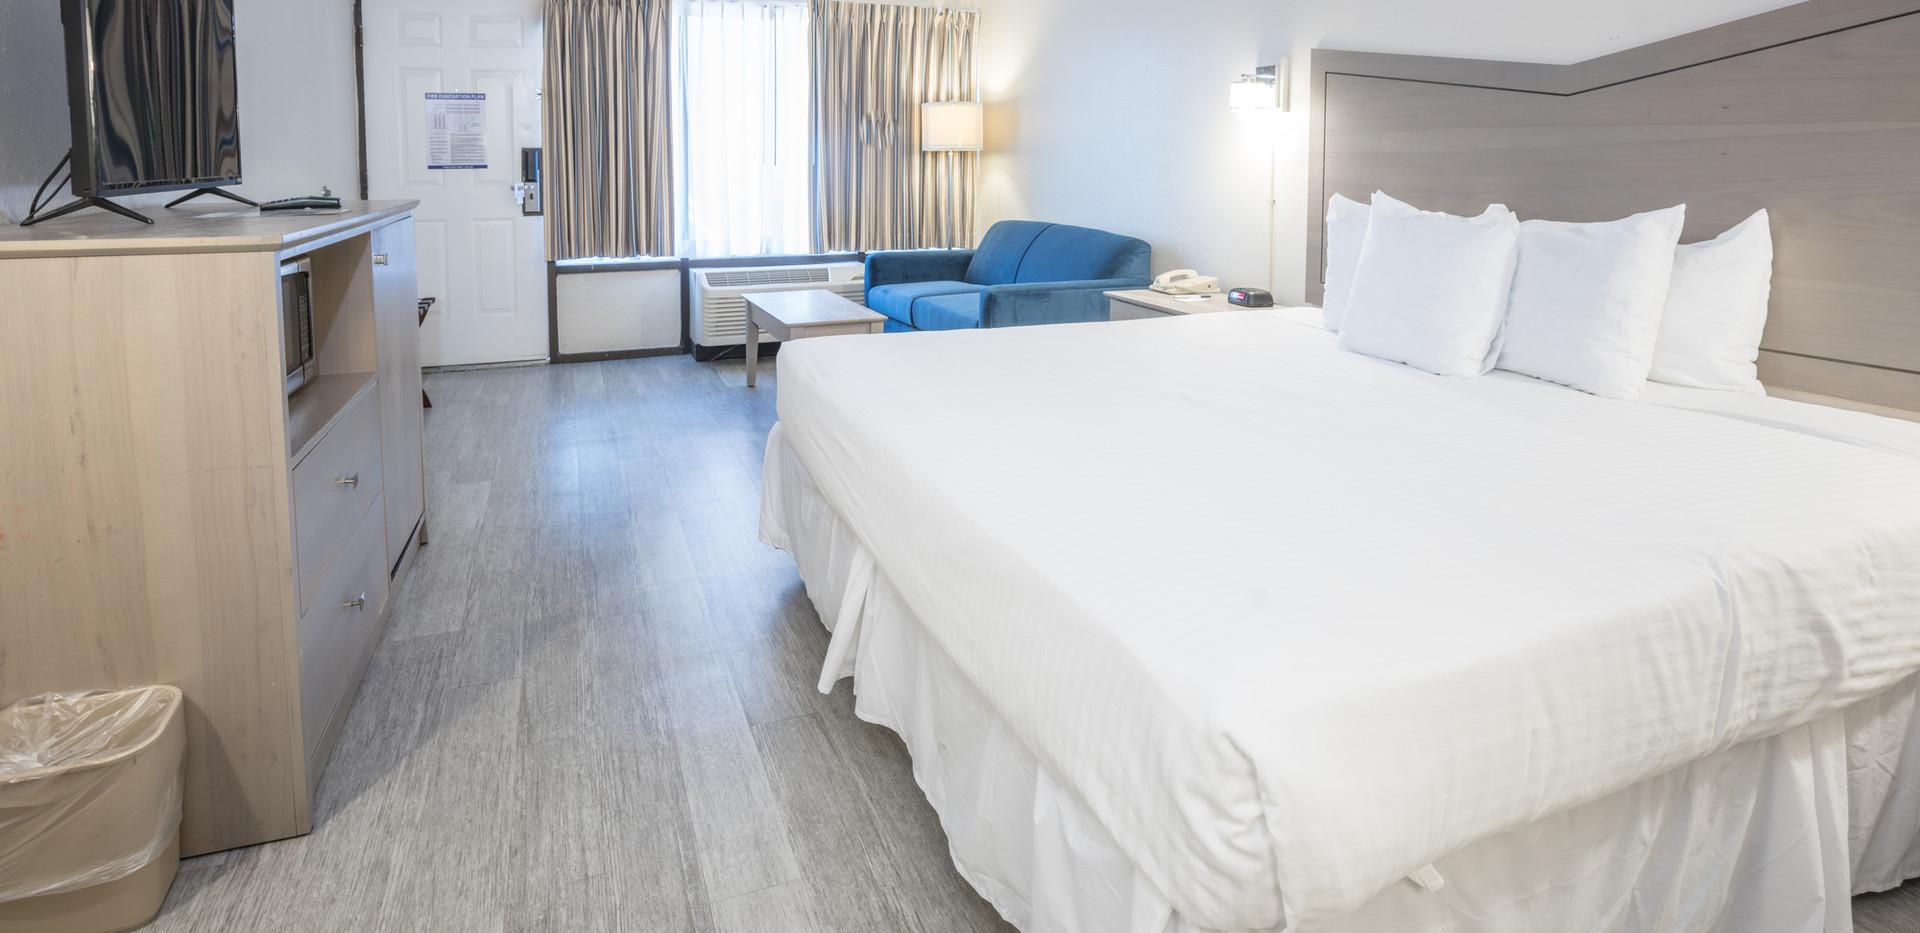 2020 Ocean Coast Room Remodel - 011A - D